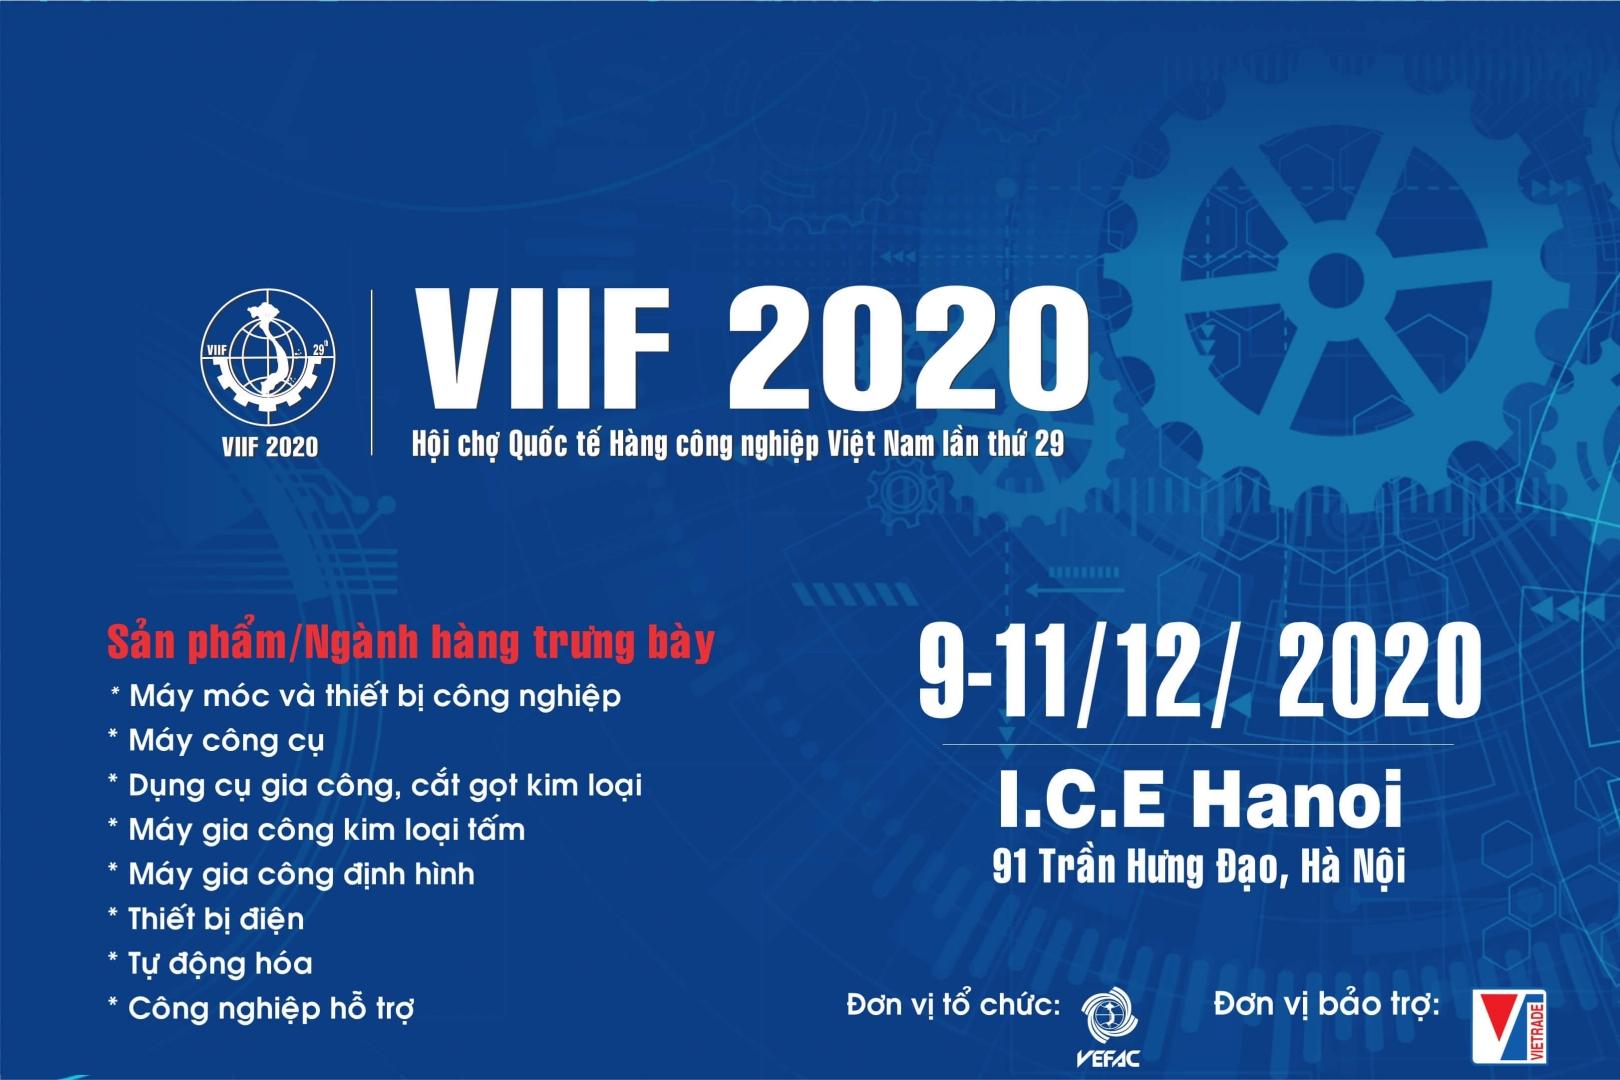 HỘI CHỢ QUỐC TẾ HÀNG CÔNG GHIỆP VIỆT NAM 2020